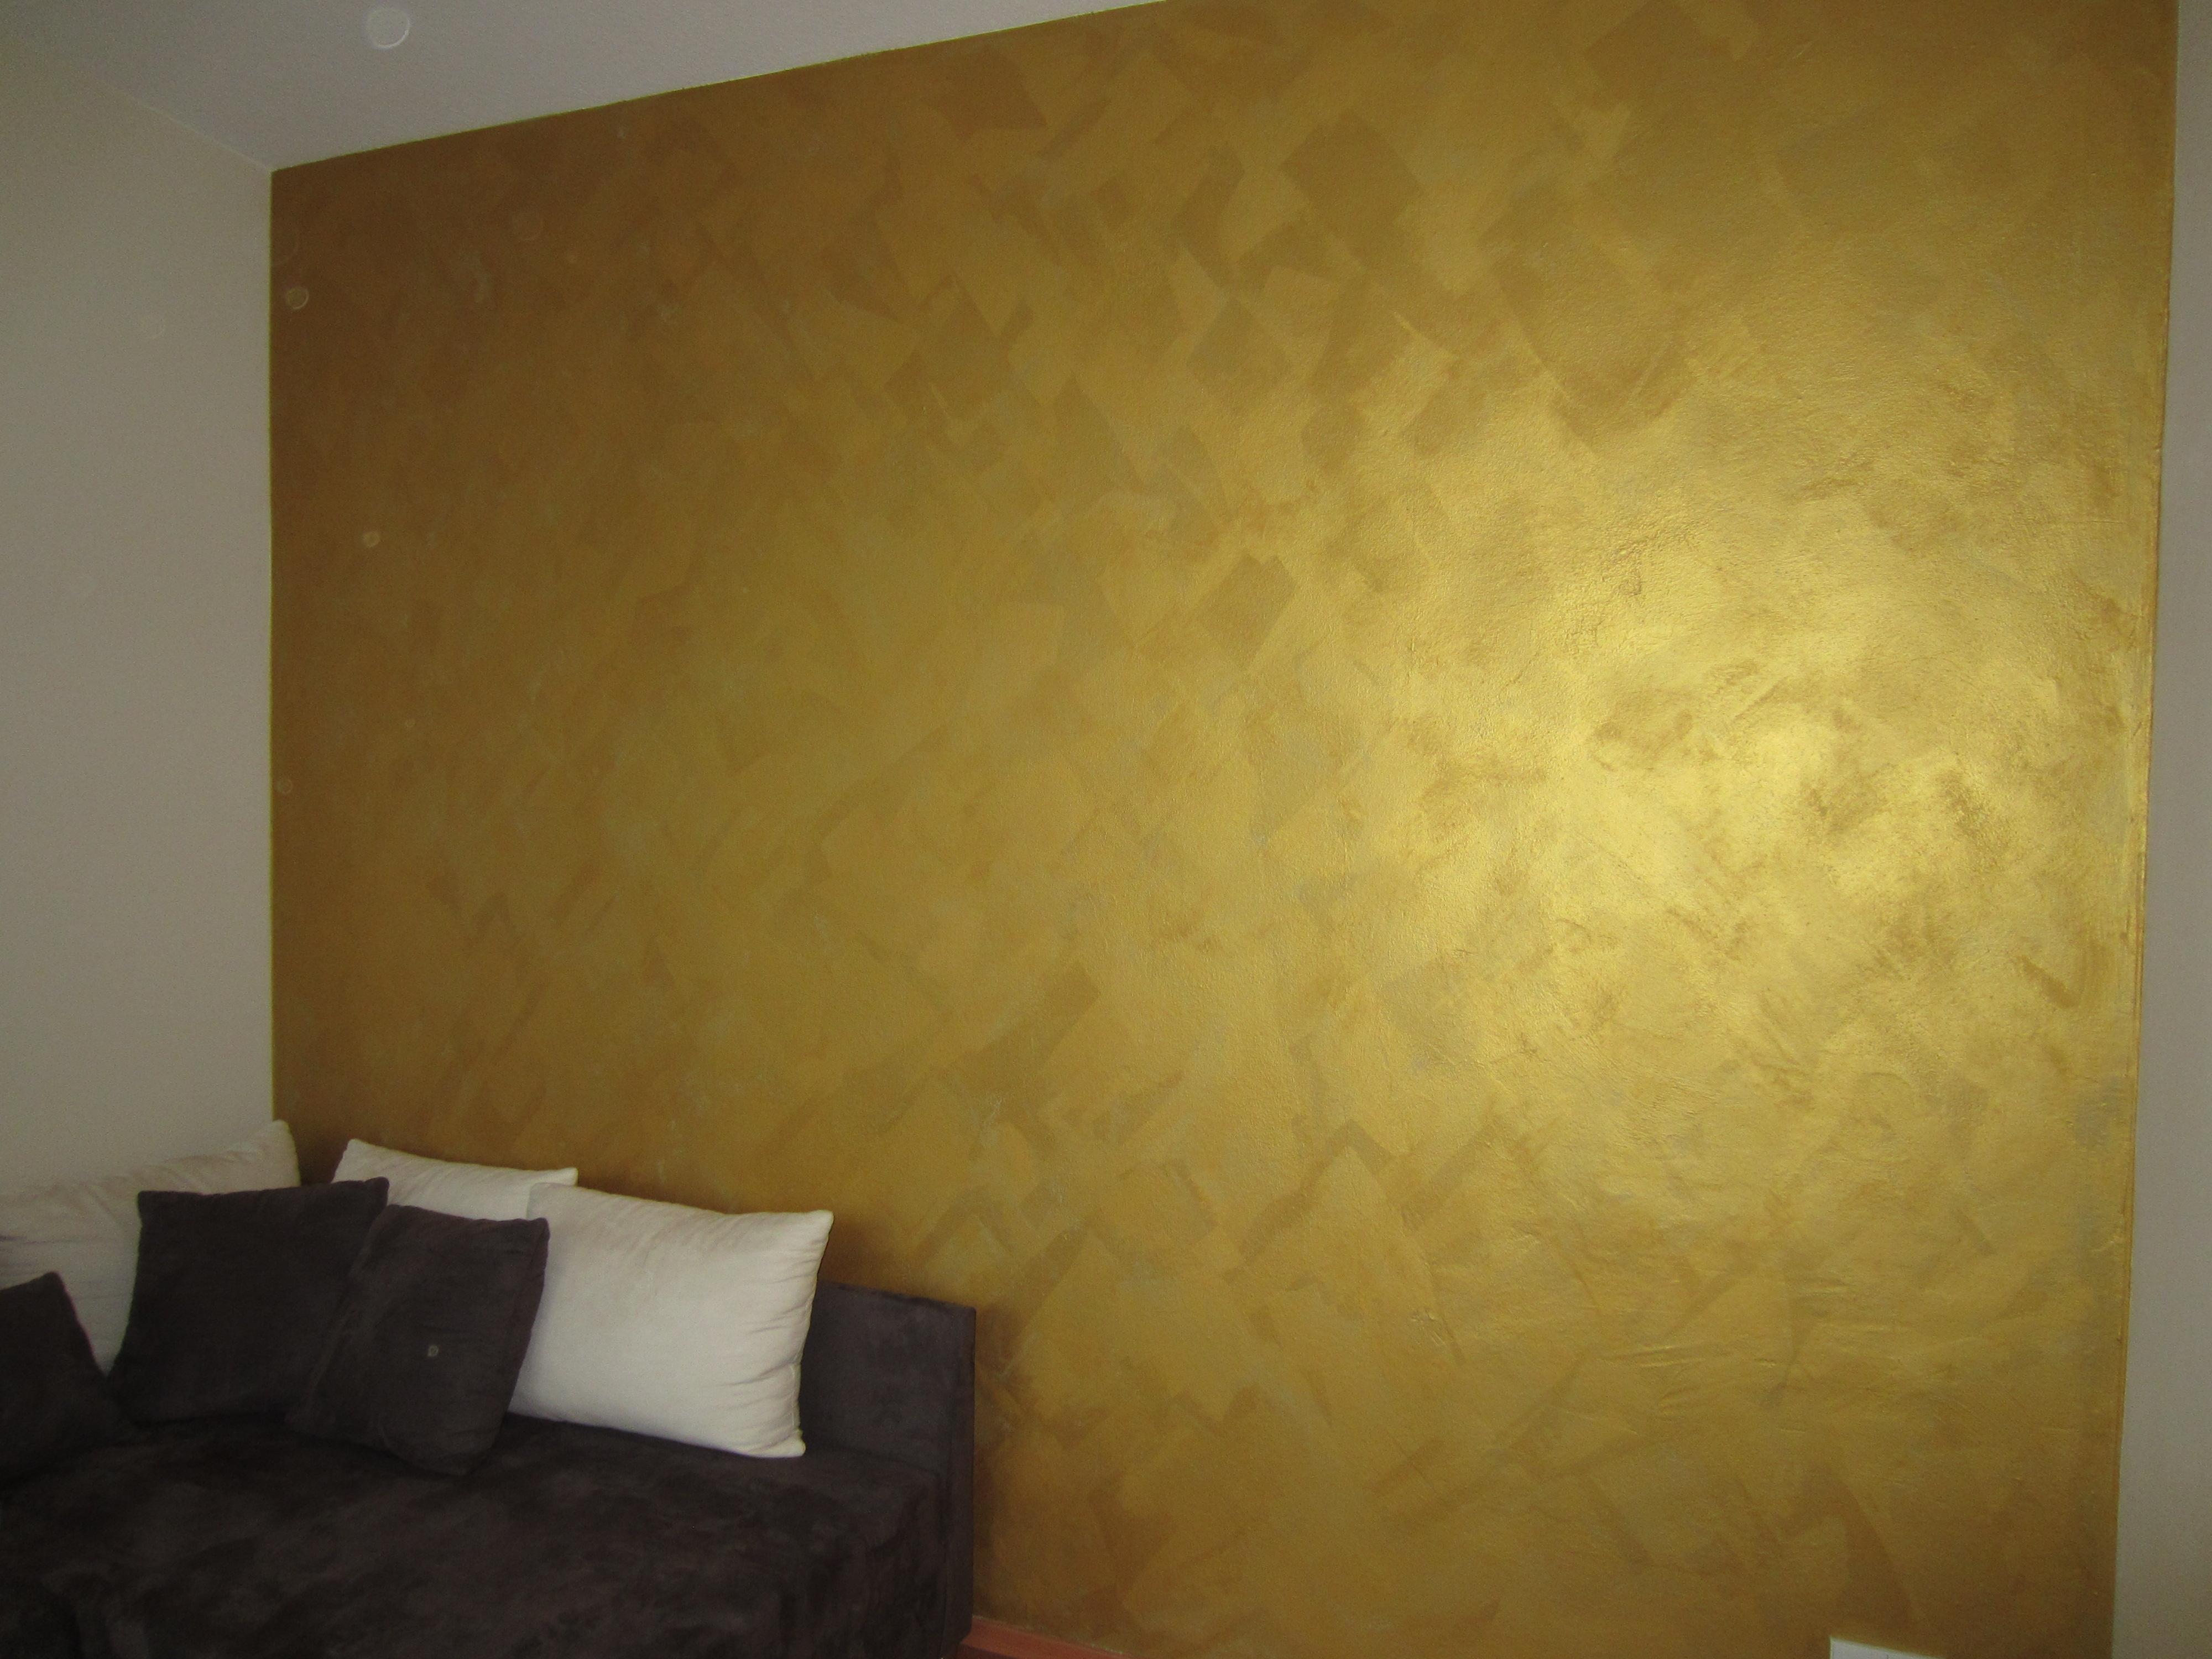 Wandgestaltung Mit Glamour Faktor   Trebes Raumausstattung, Wohnzimmer Dekoo